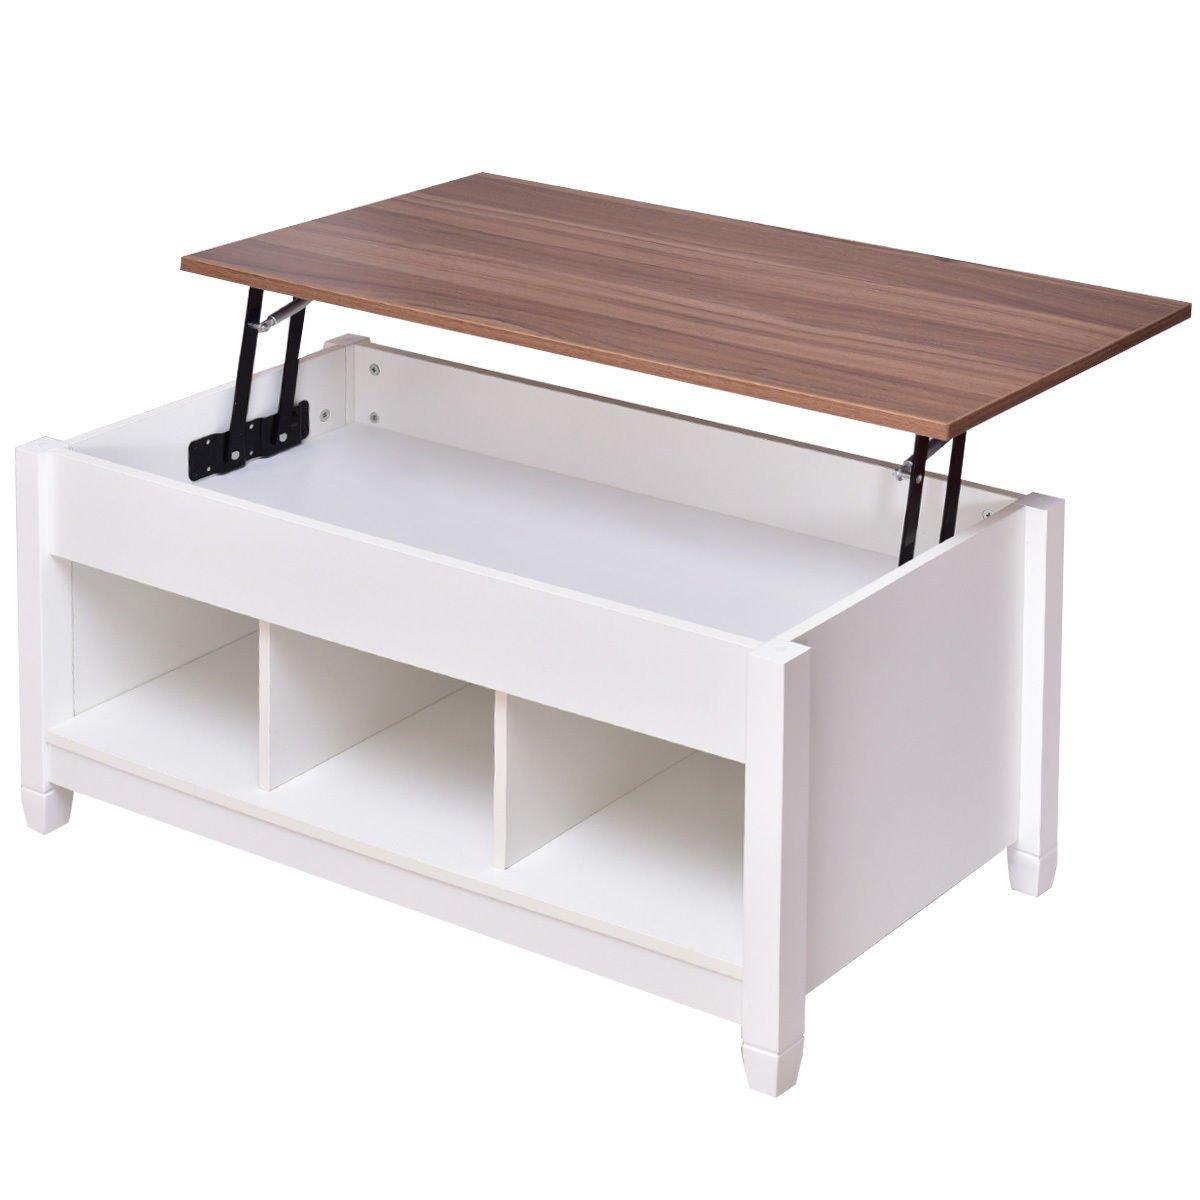 Amazon.com: Tangkula Lift Top Coffee Table Modern Living ...